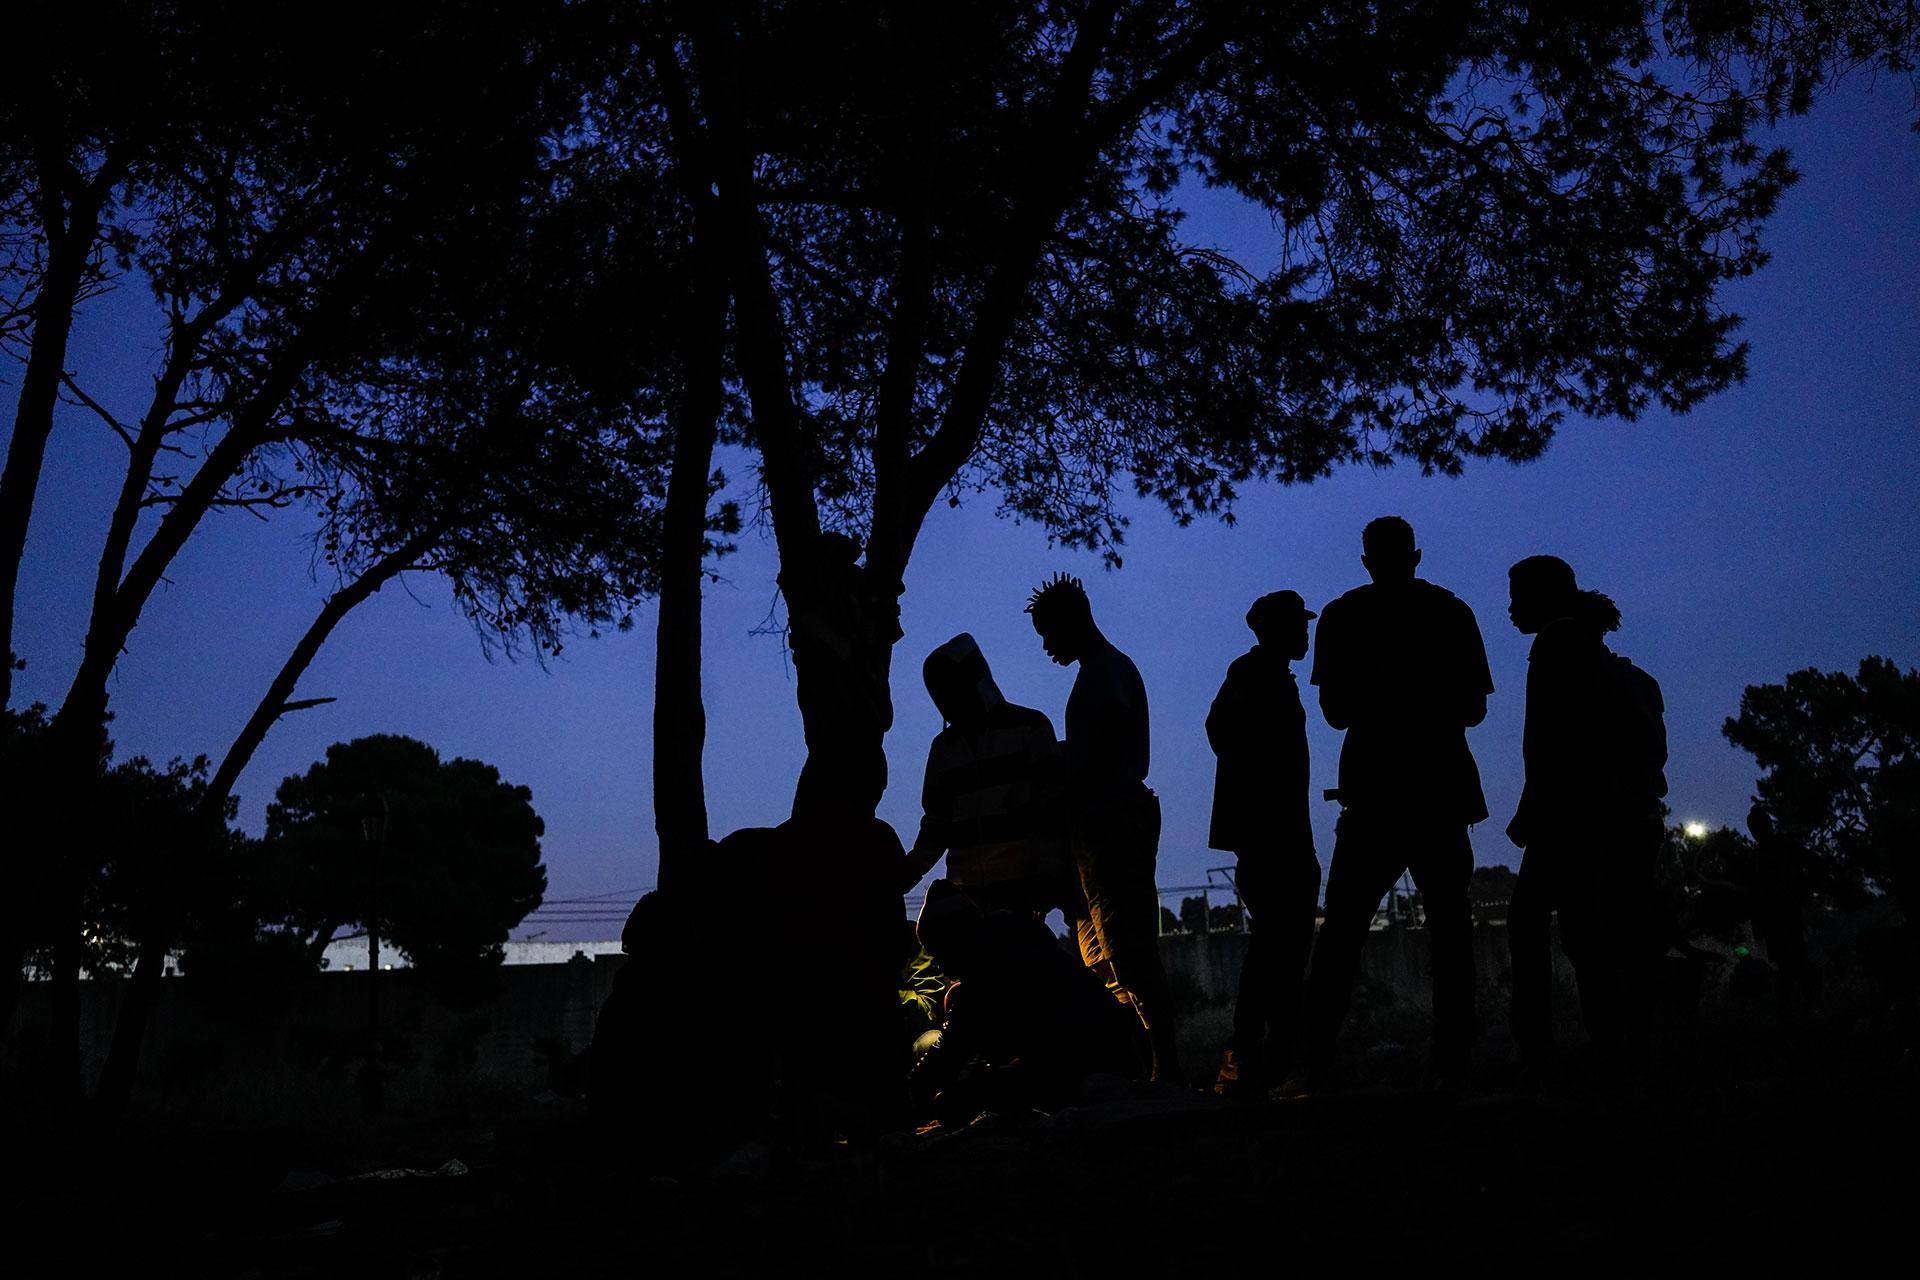 Unos jóvenes se preparan para pasar la noche en un parque de Rabat, 23 de Mayo de 2019. Unos jóvenes se preparan para pasar la noche en un parque de Rabat, 23 de Mayo de 2019.